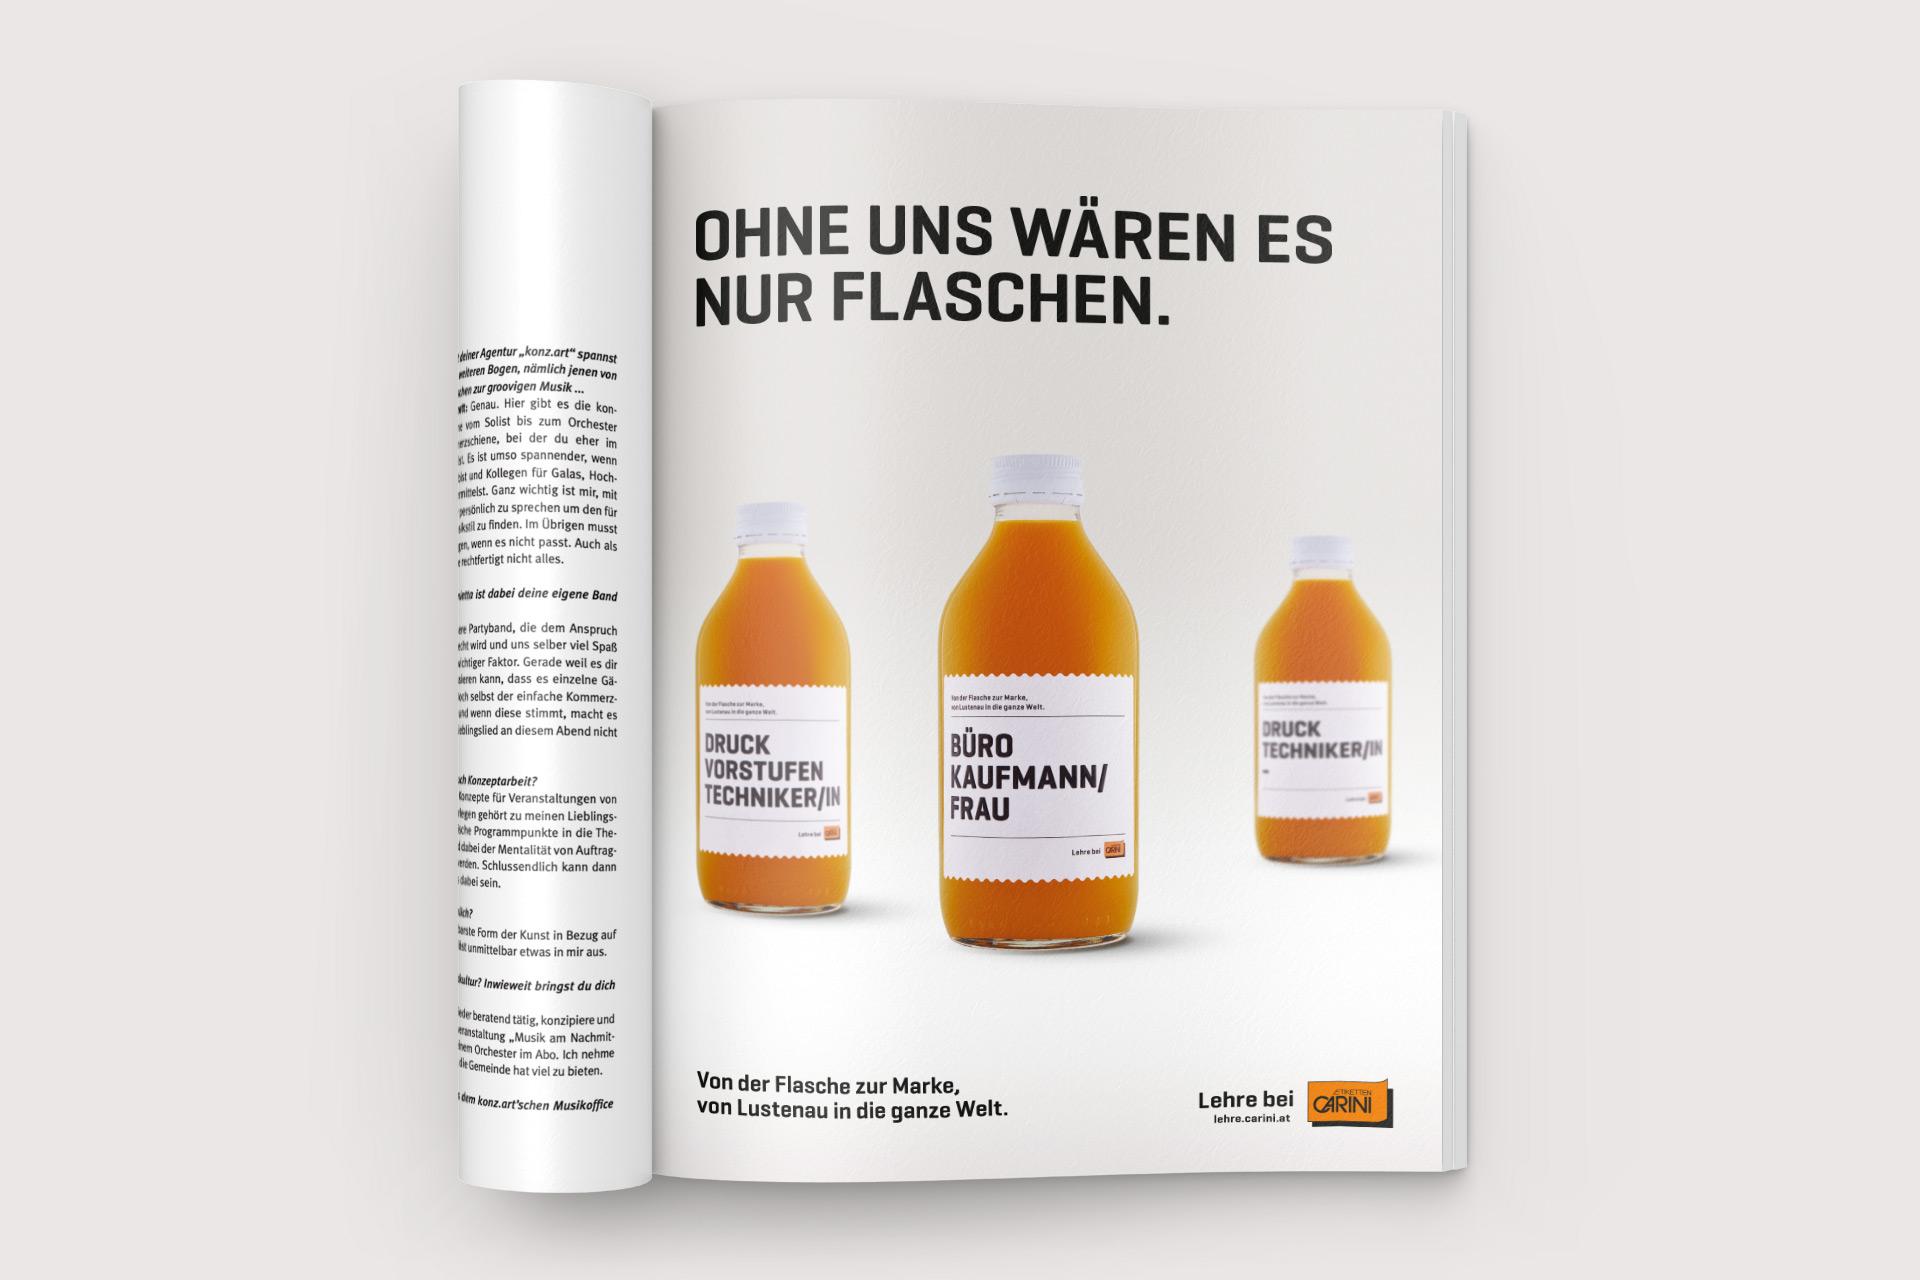 Etiketten CARINI, Anzeige, Lebenslust, Lustenau Bernhard Hafele, viergestalten